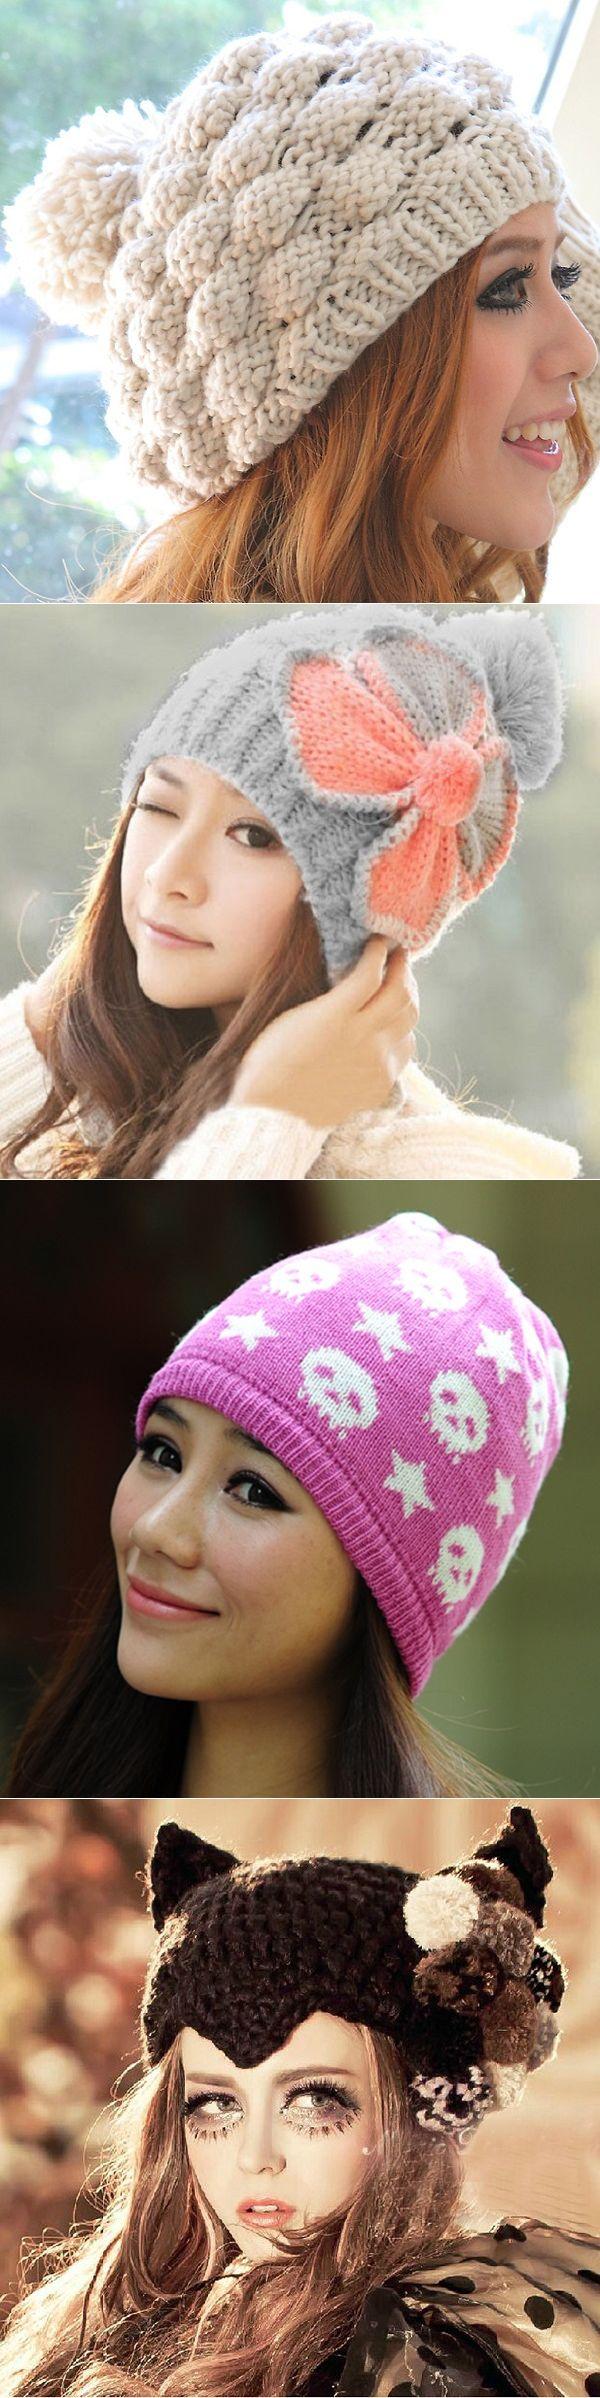 Модные вязаные шапки на зиму 2016 года для женщин: фото моделей, советы по вязанию